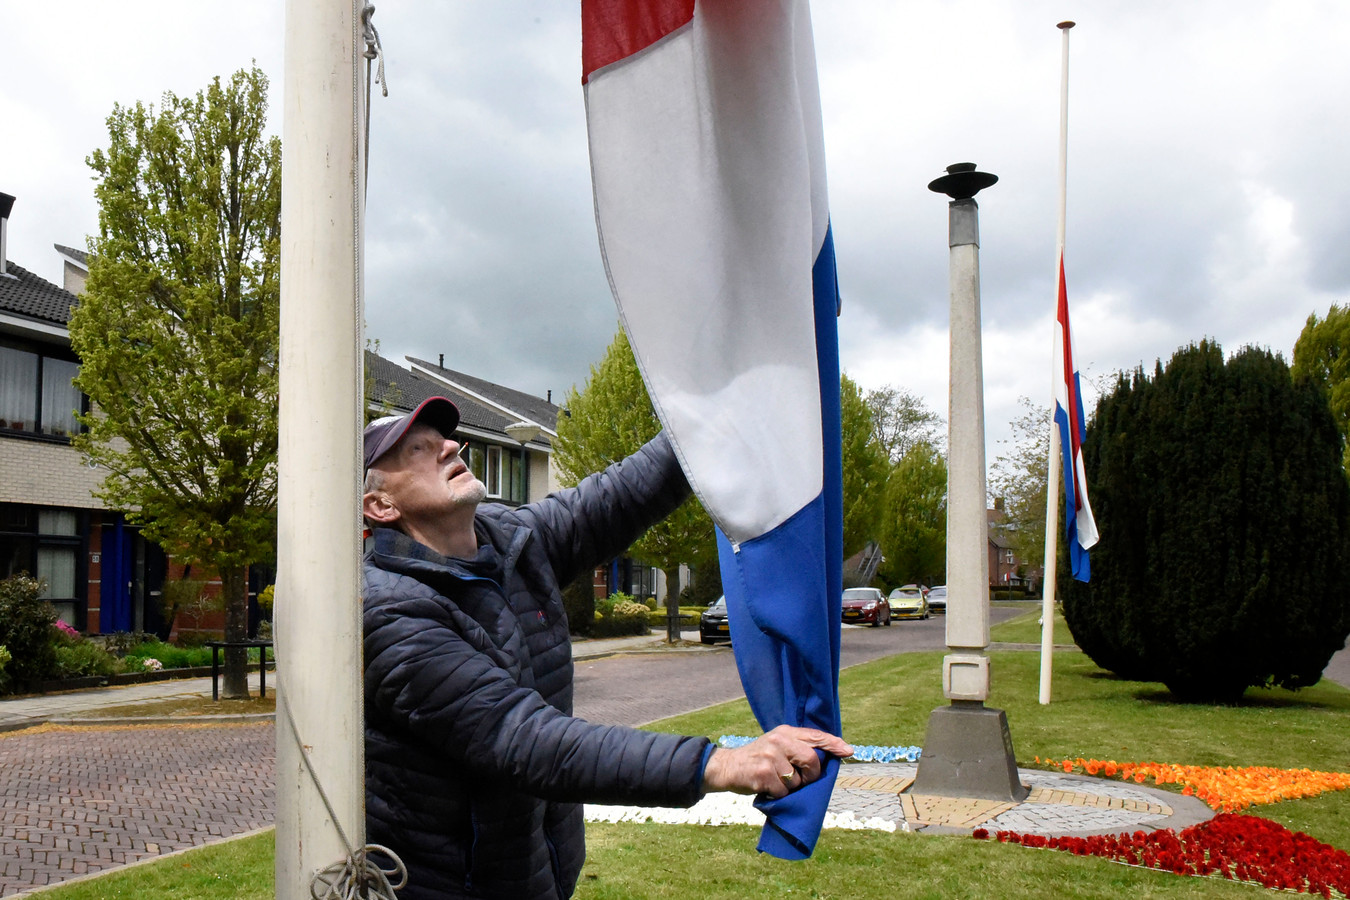 Marcel Koopmans bij de vlaggen die nu halfstok hangen, ze mogen vandaag tot zes uur bovenin hangen, maar Koopmans werd plat gebeld.